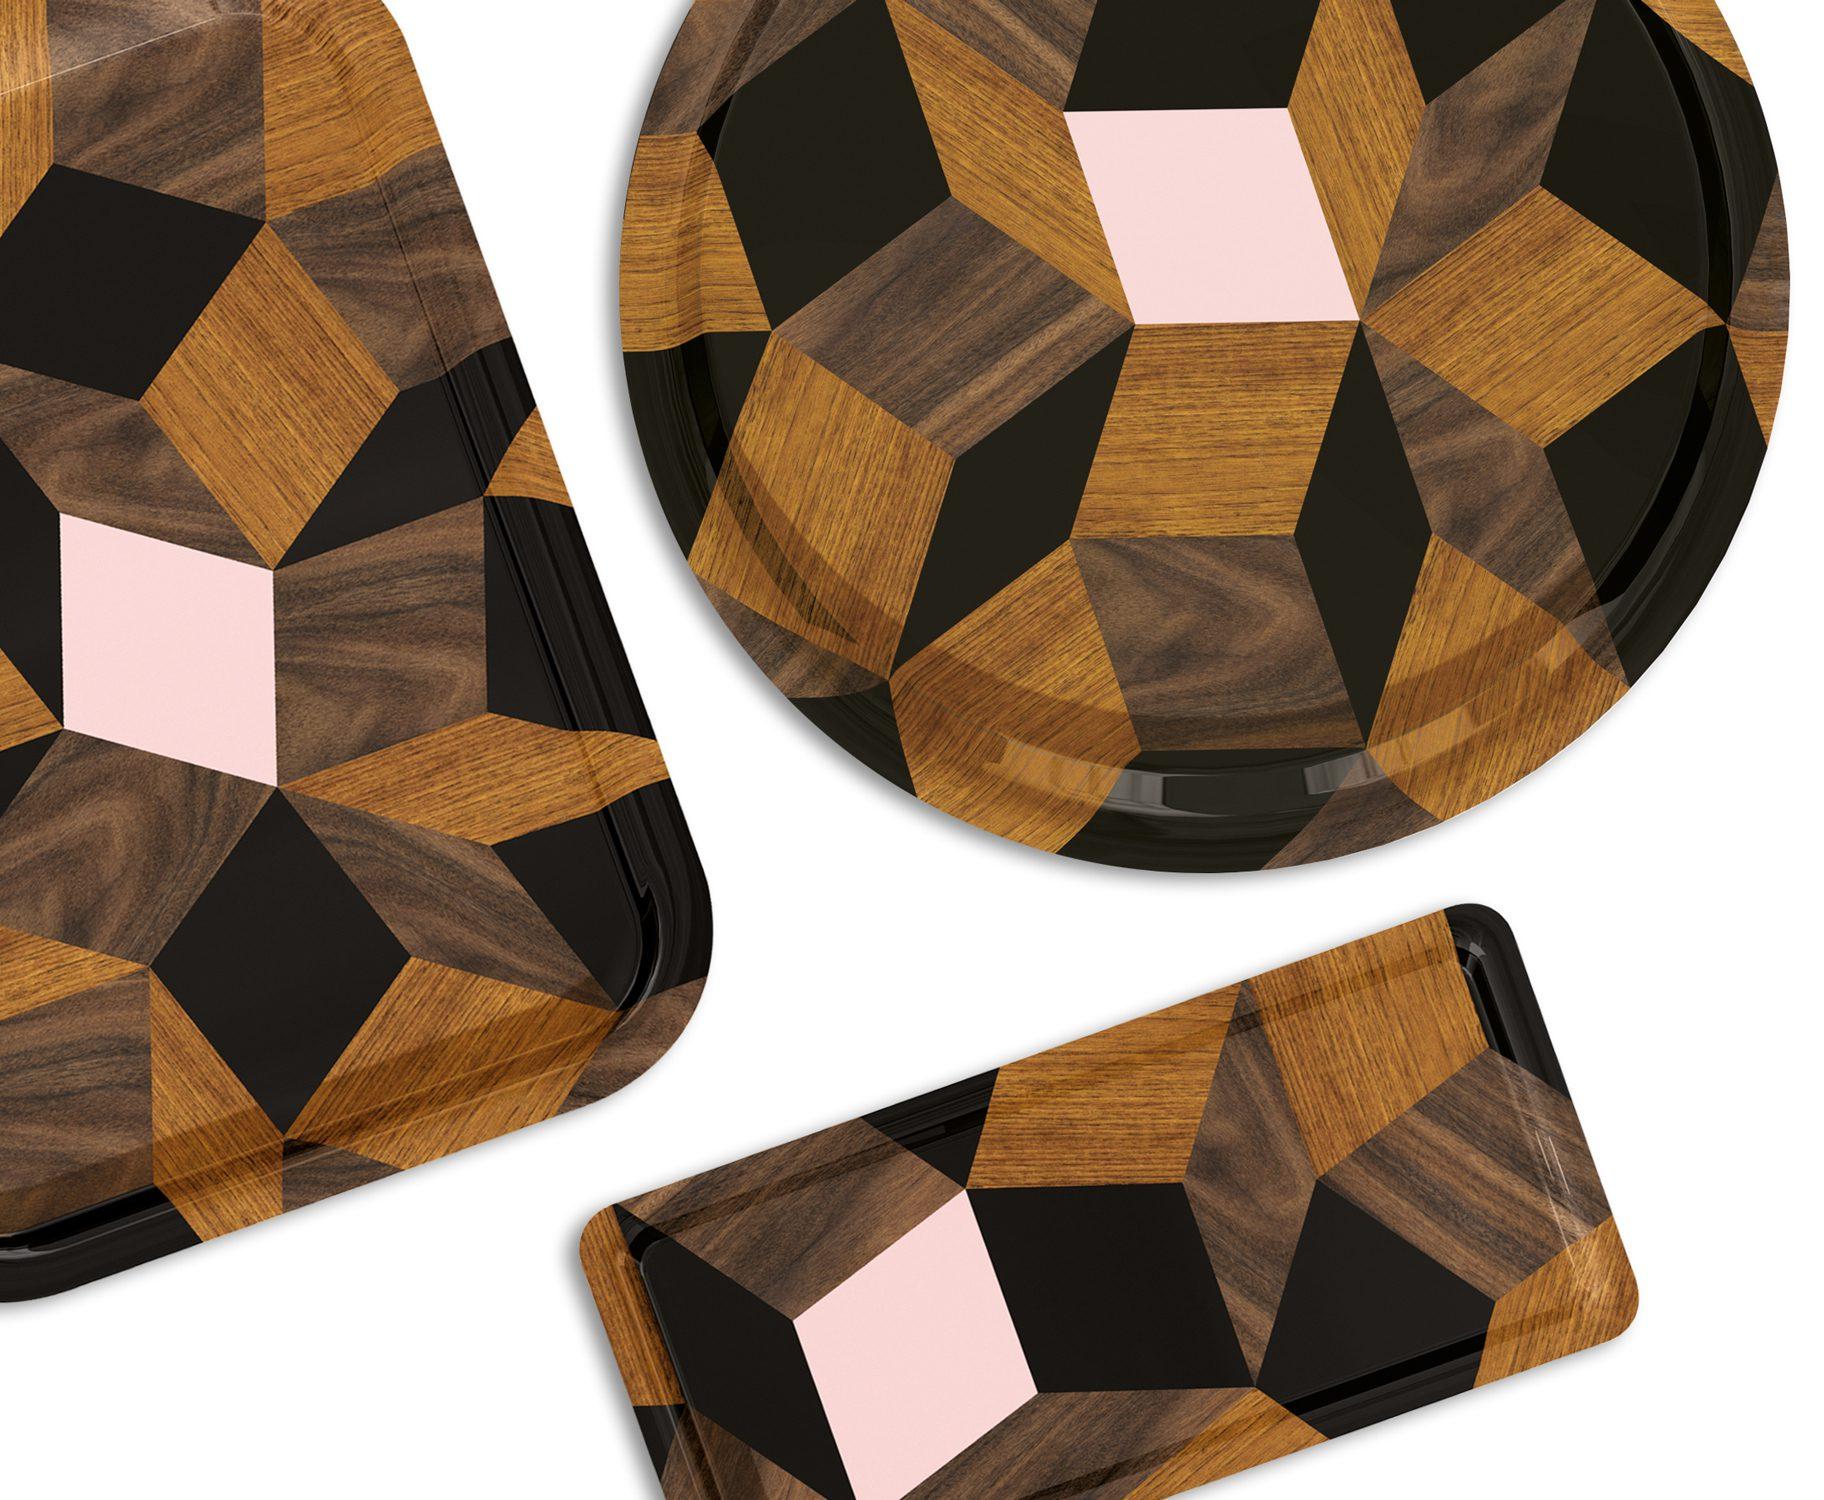 Plateaux déco design Penrose Spring Wood, aux motif géométriques, édition Bazartherapy